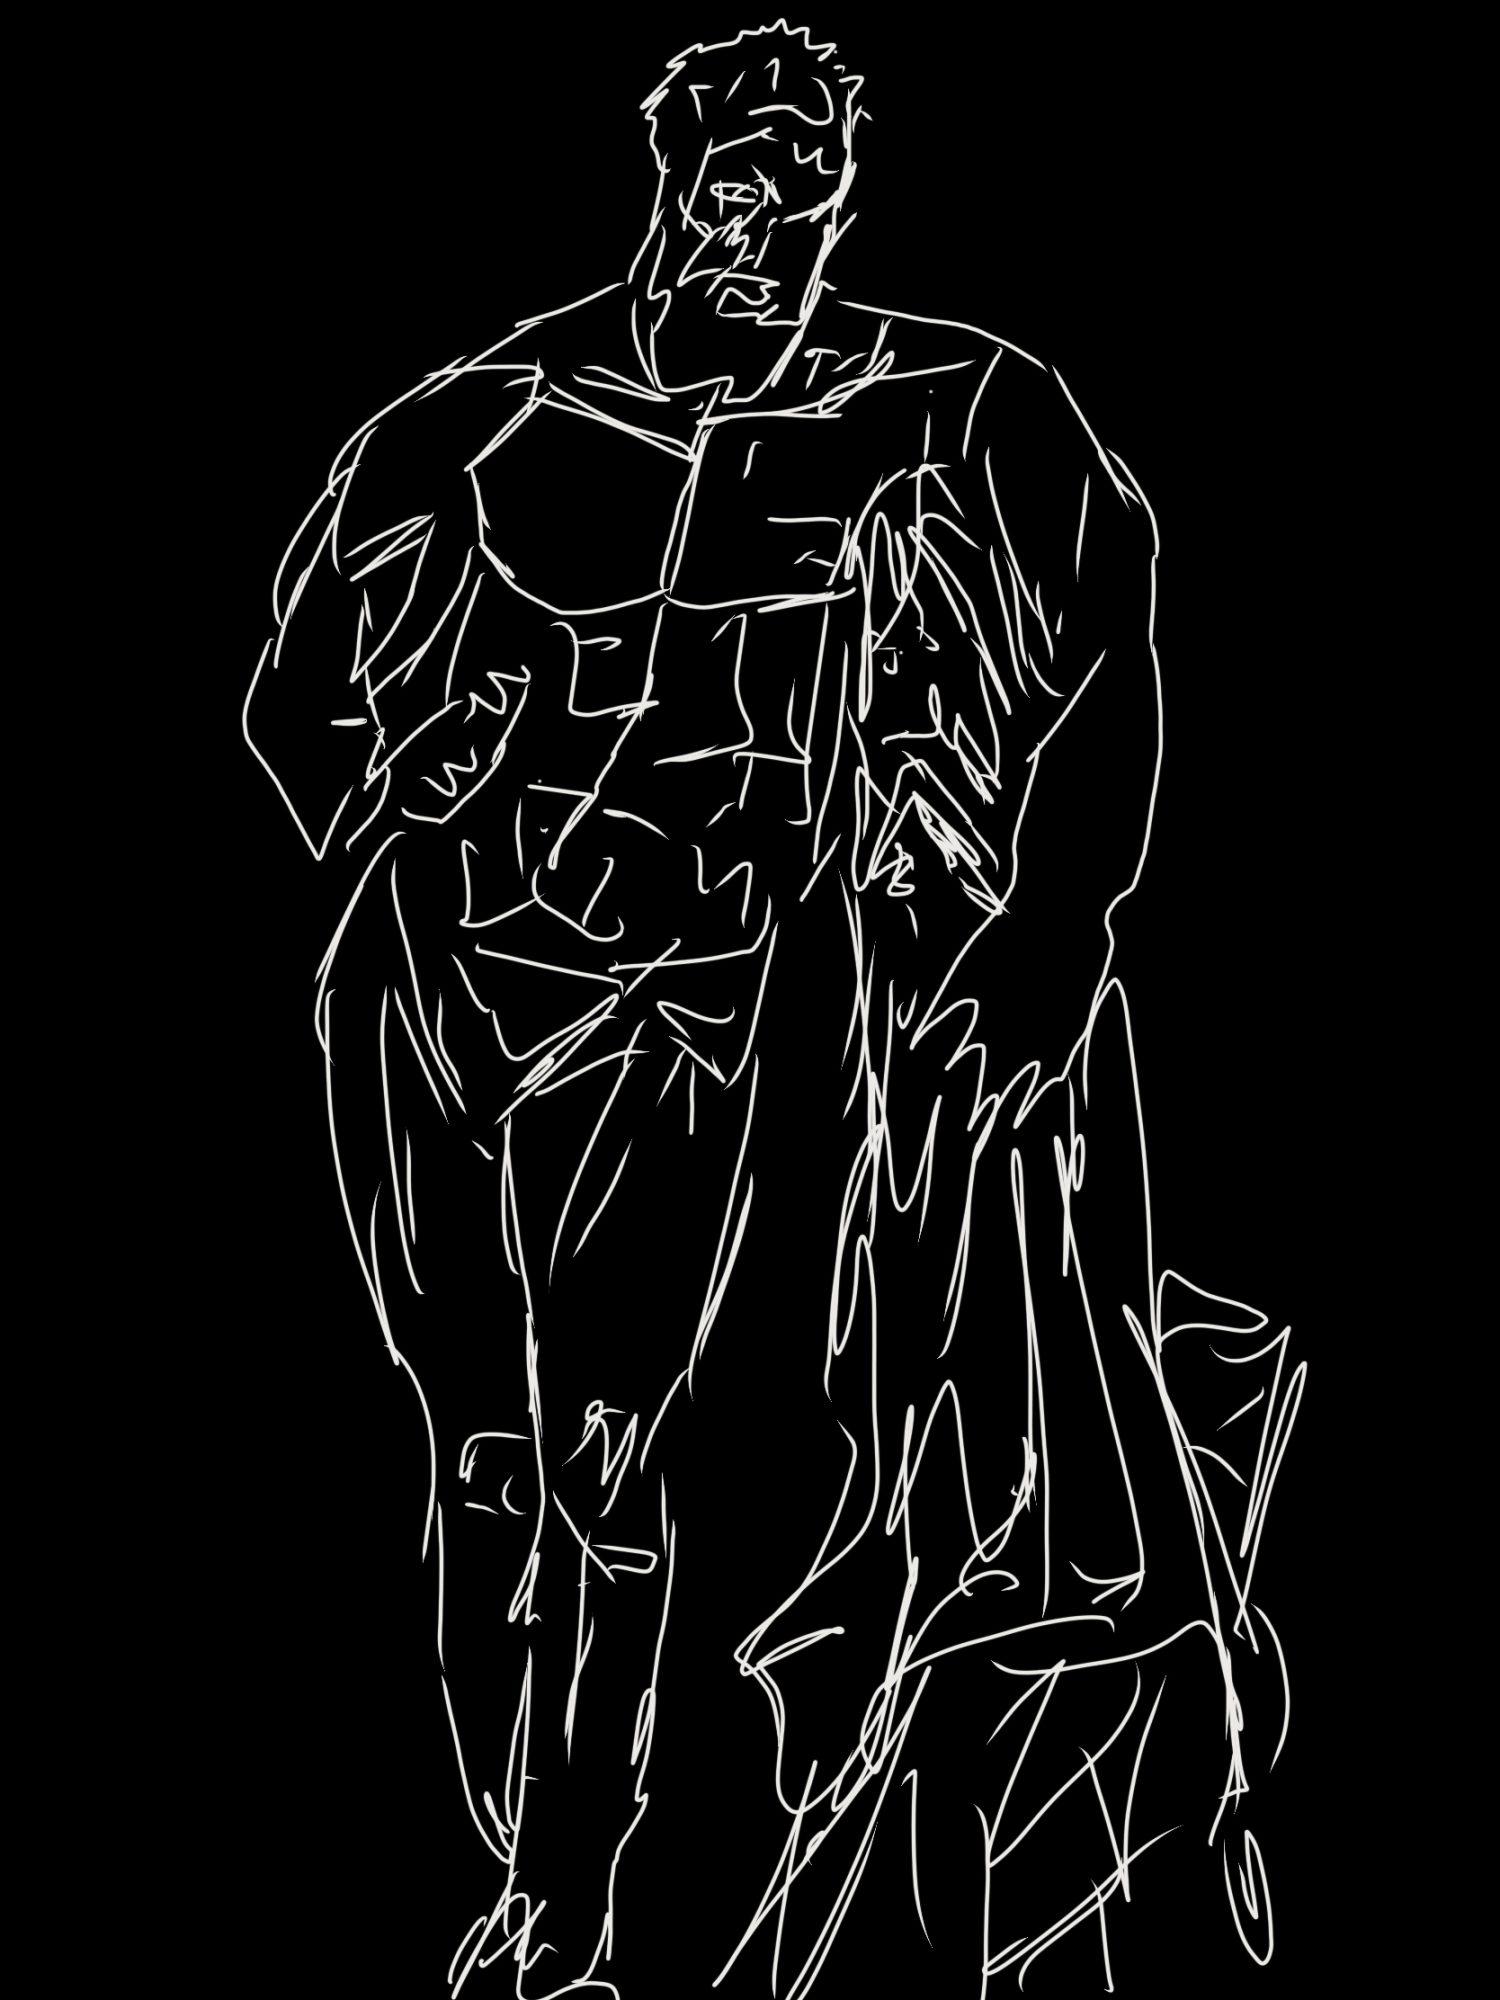 Hercules statue sketch